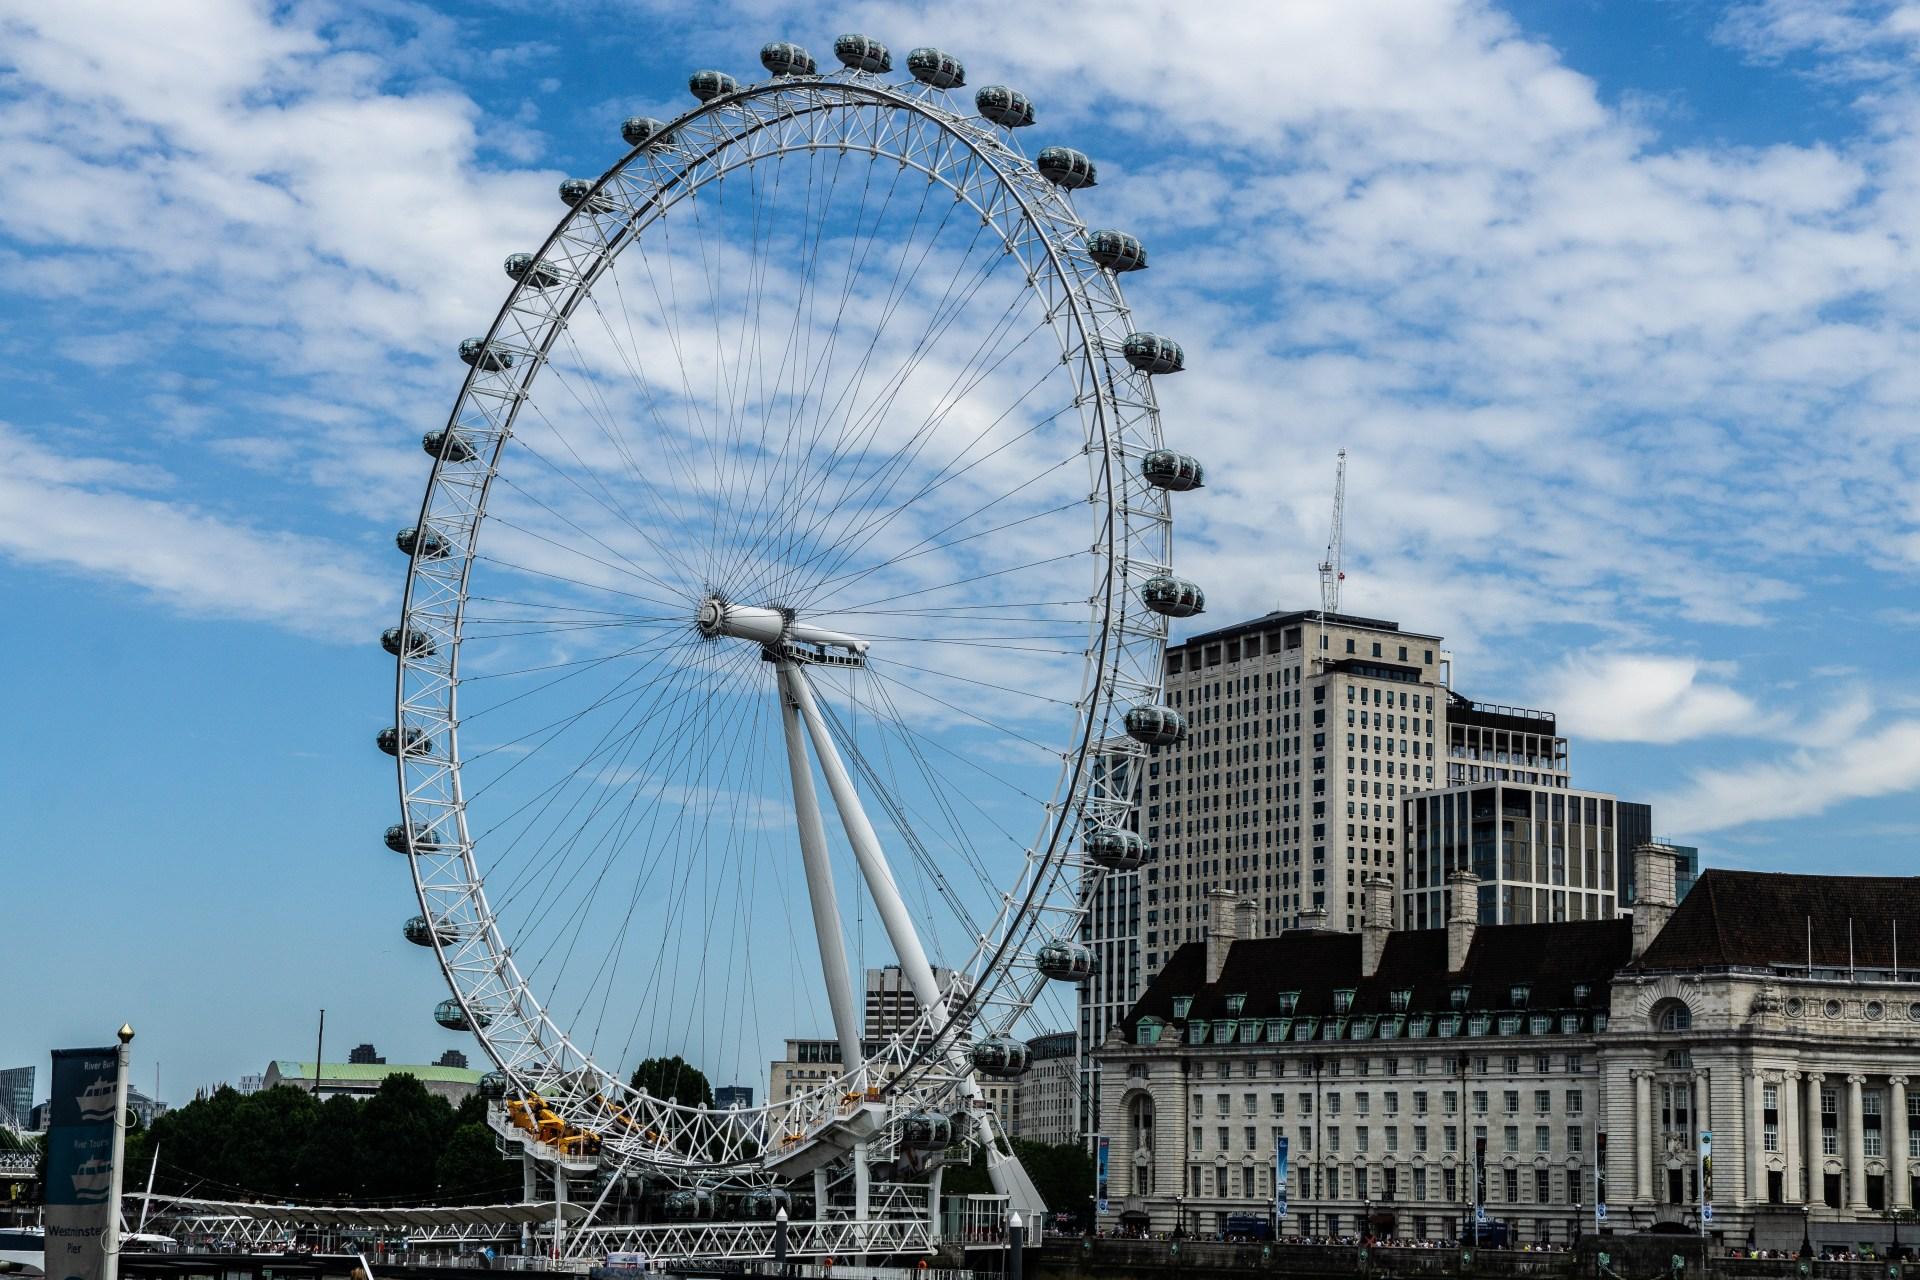 Londen Eye, hoe maak je jouw stedentrip een succes?